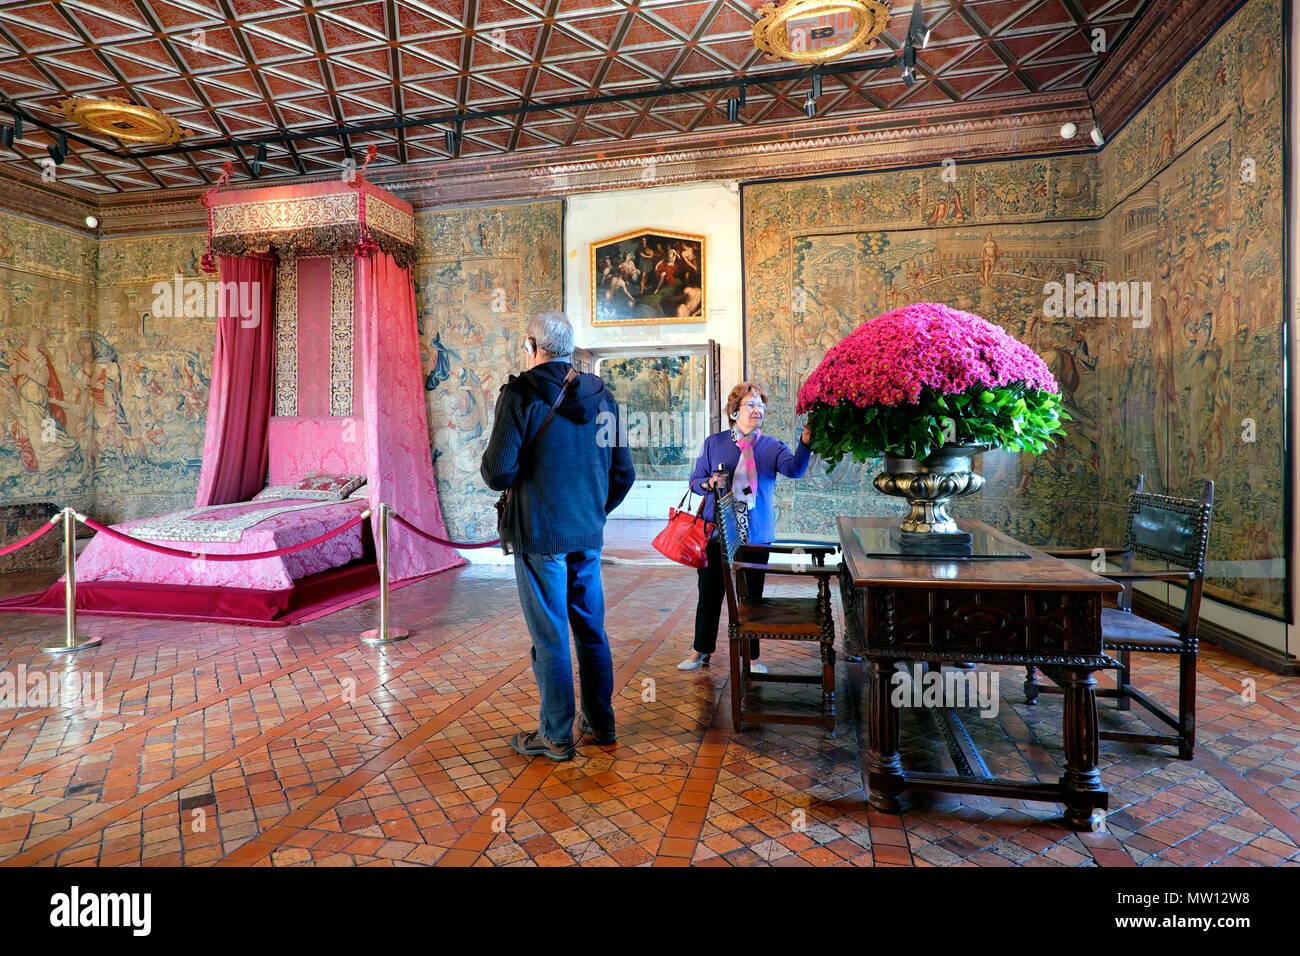 Die fünf Queen's Schlafzimmer/Chambre des Cinq reines, Château de Chenonceau, Amboise, Loire-tal, Center-Val de Loire, Frankreich Stockbild